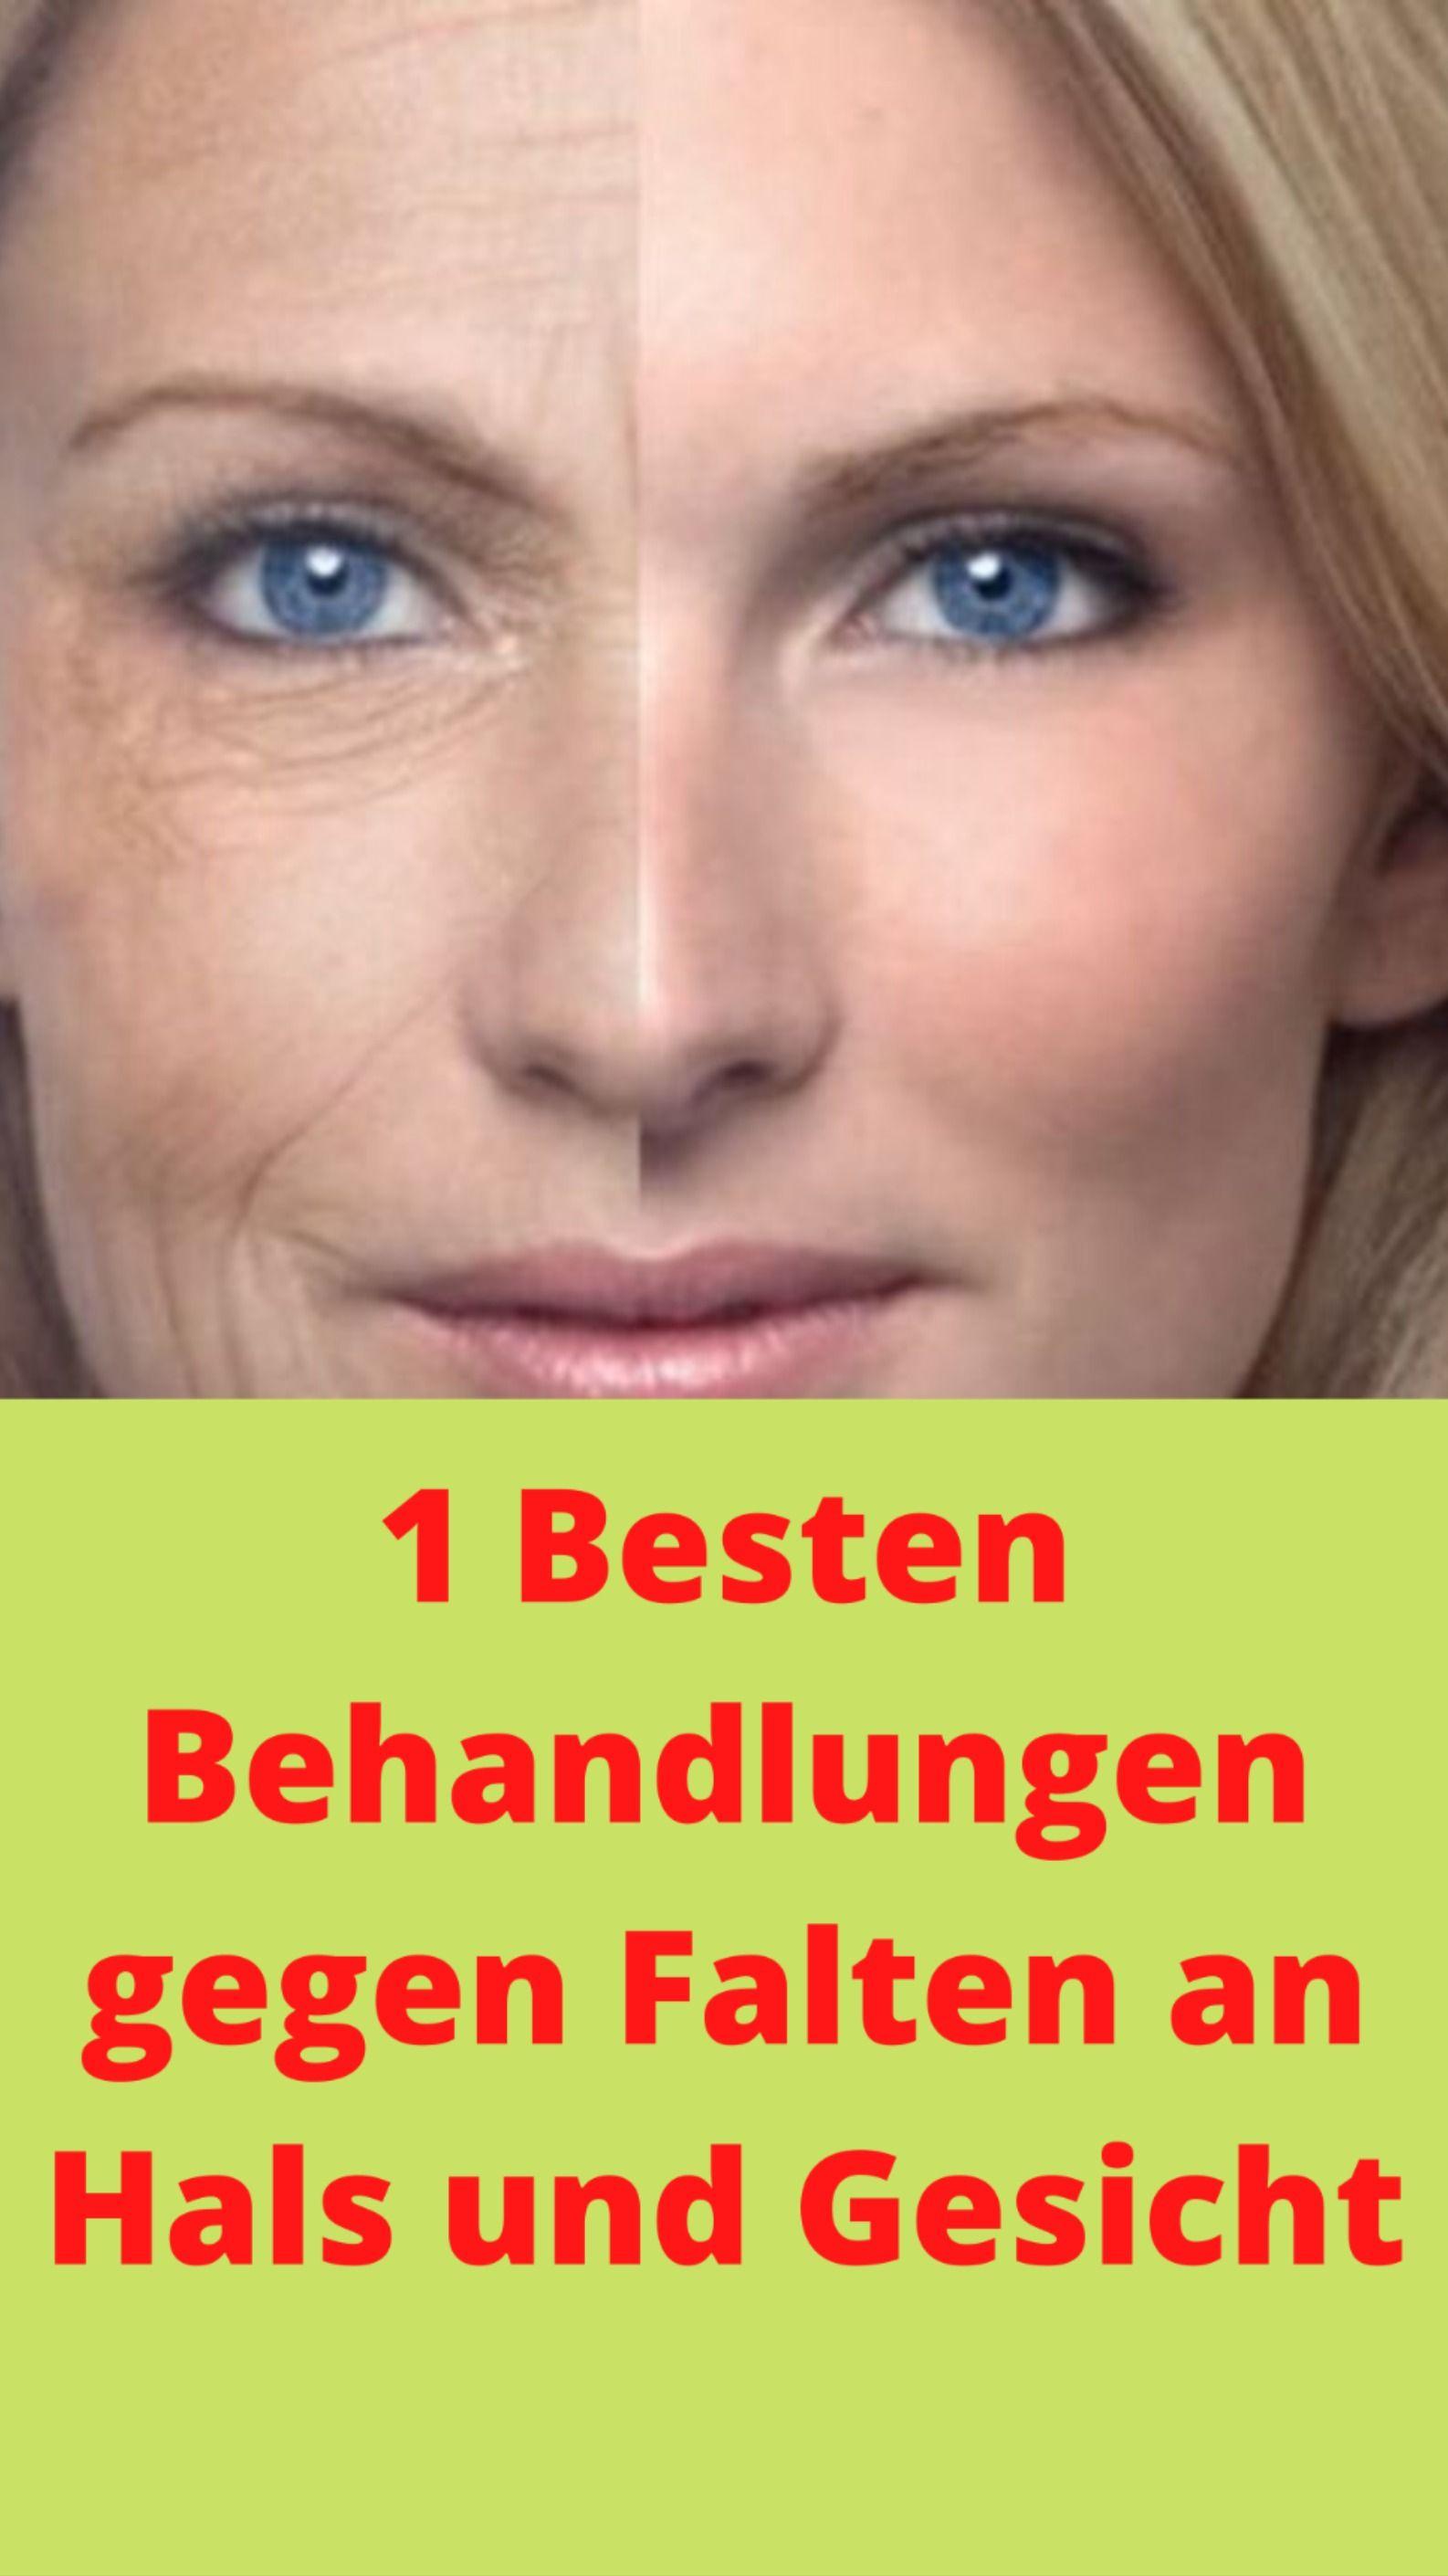 1 Besten Behandlungen Gegen Falten An Hals Und Gesicht Eine Umfangreiche Anleitung Von Gesundheit Und Schönheit